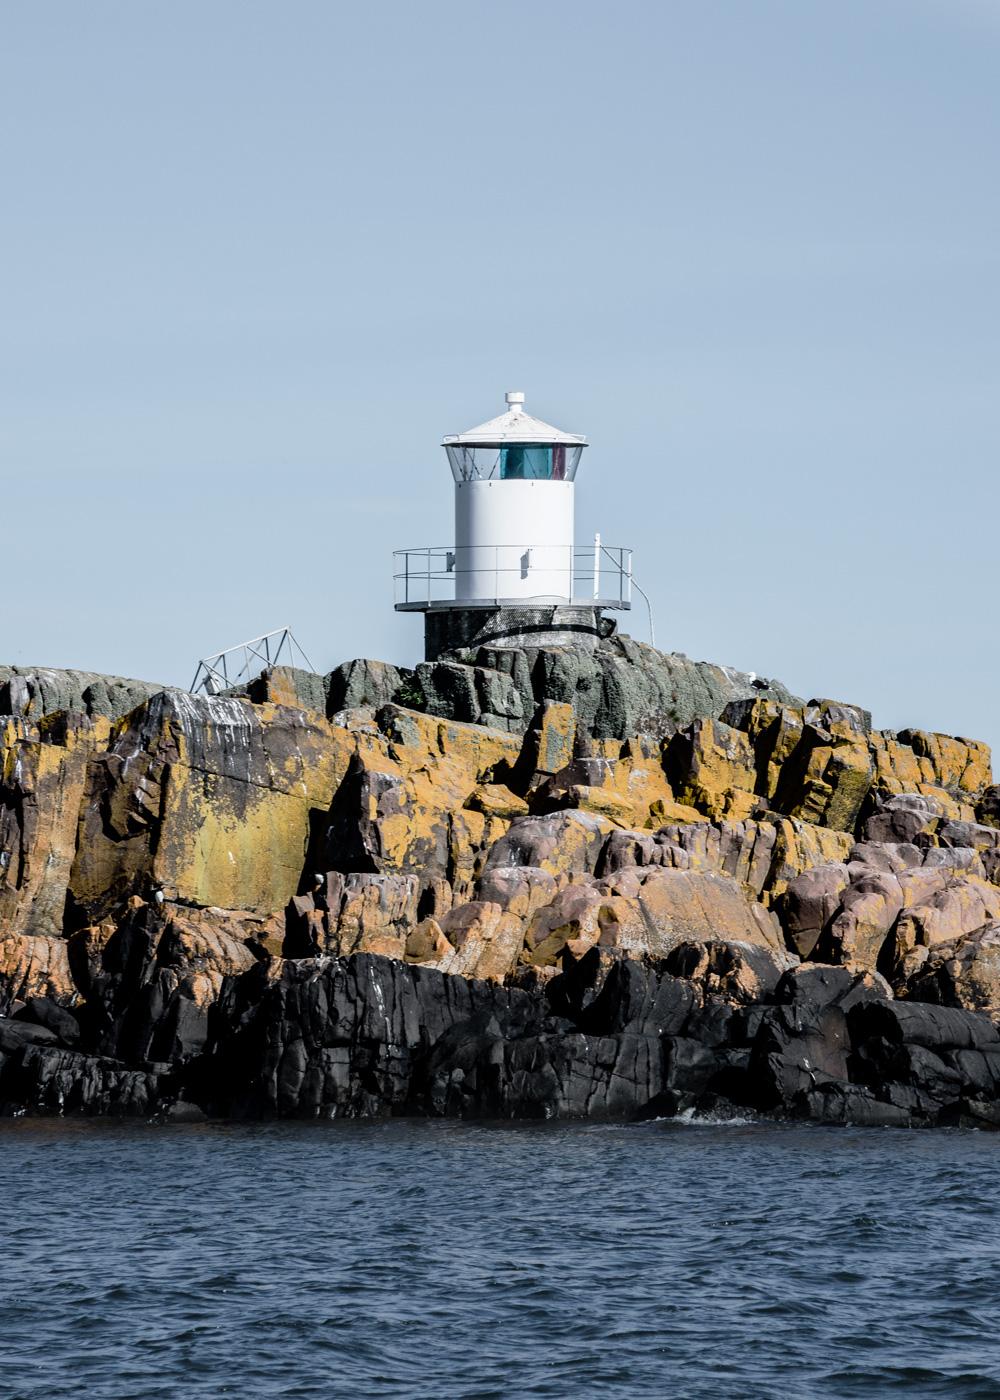 Sverige Väderö - sæler alkefugle og skærgård